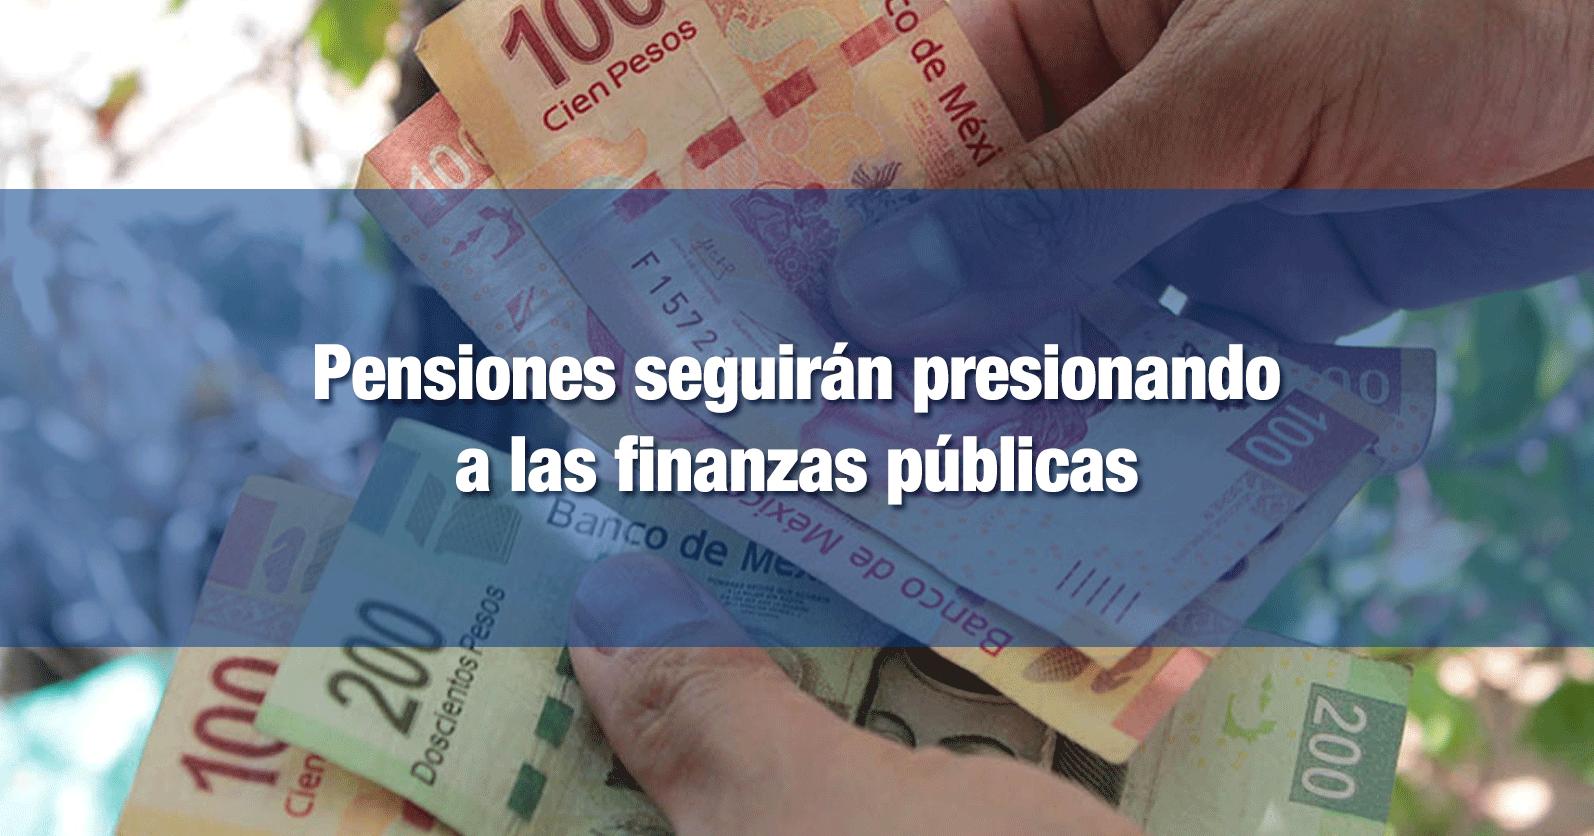 Pensiones seguirán presionando a las finanzas públicas